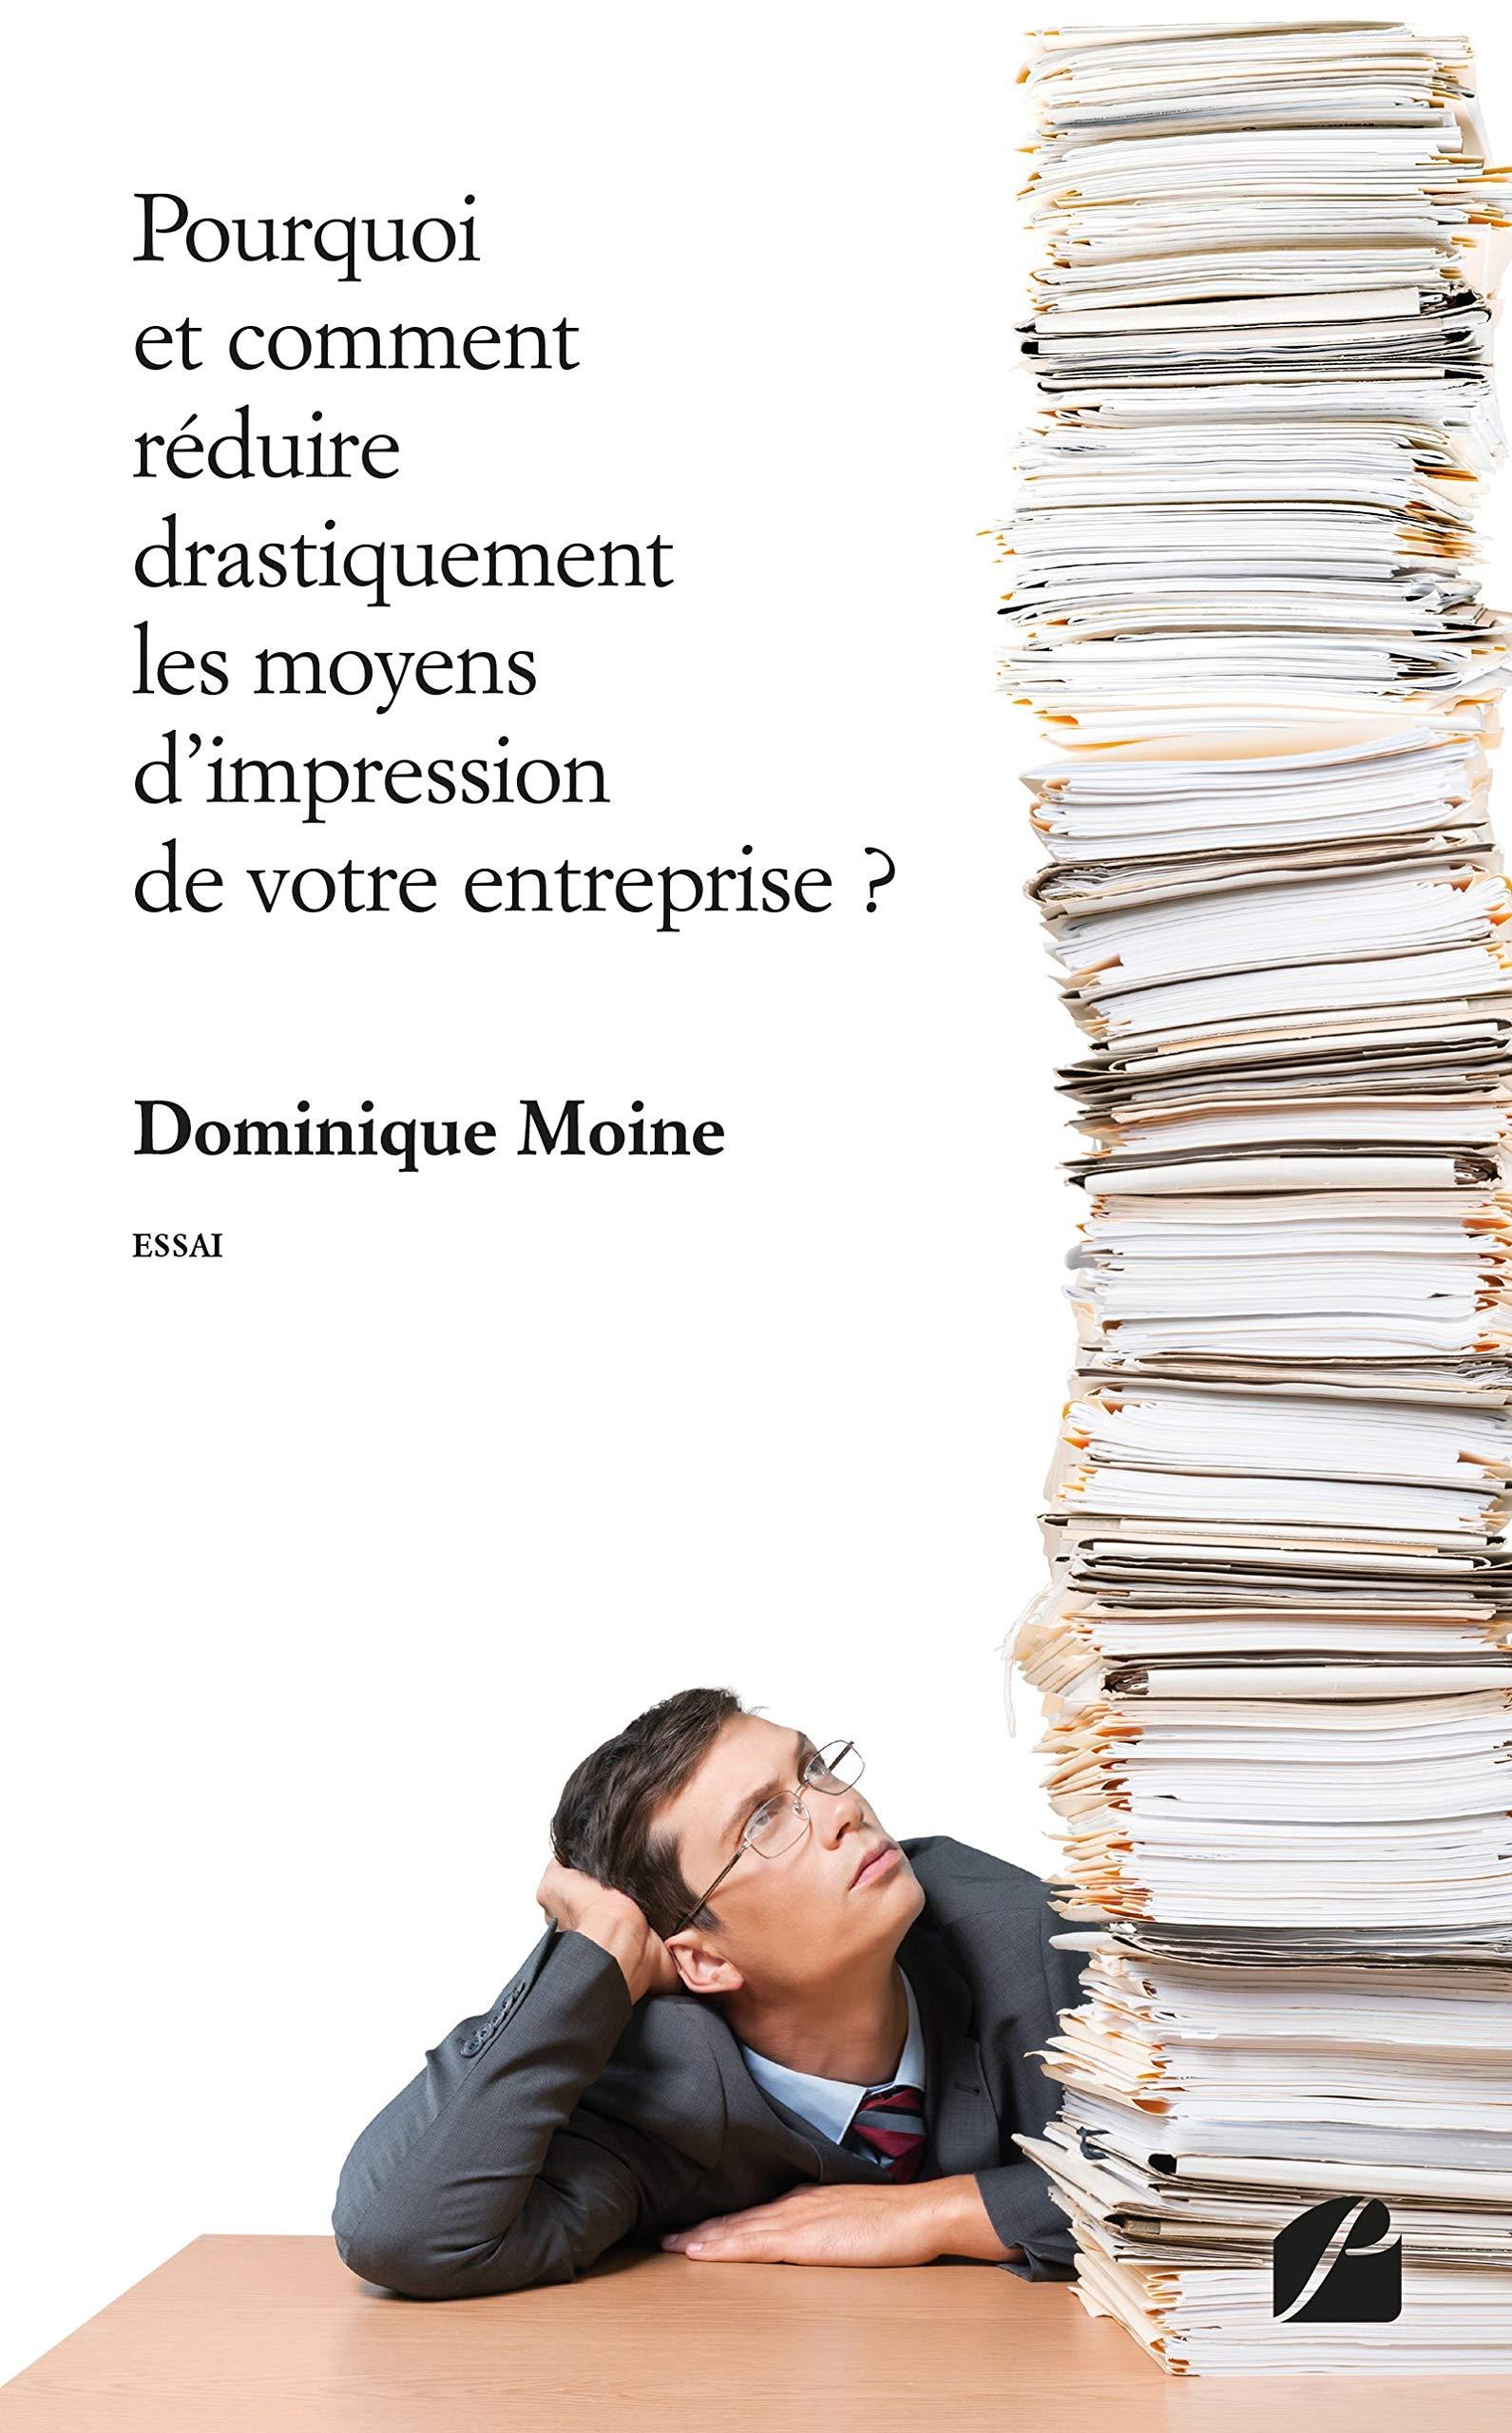 Pourquoi et comment réduire drastiquement les moyens d'impression de votre entreprise ? (Essai) (French Edition)